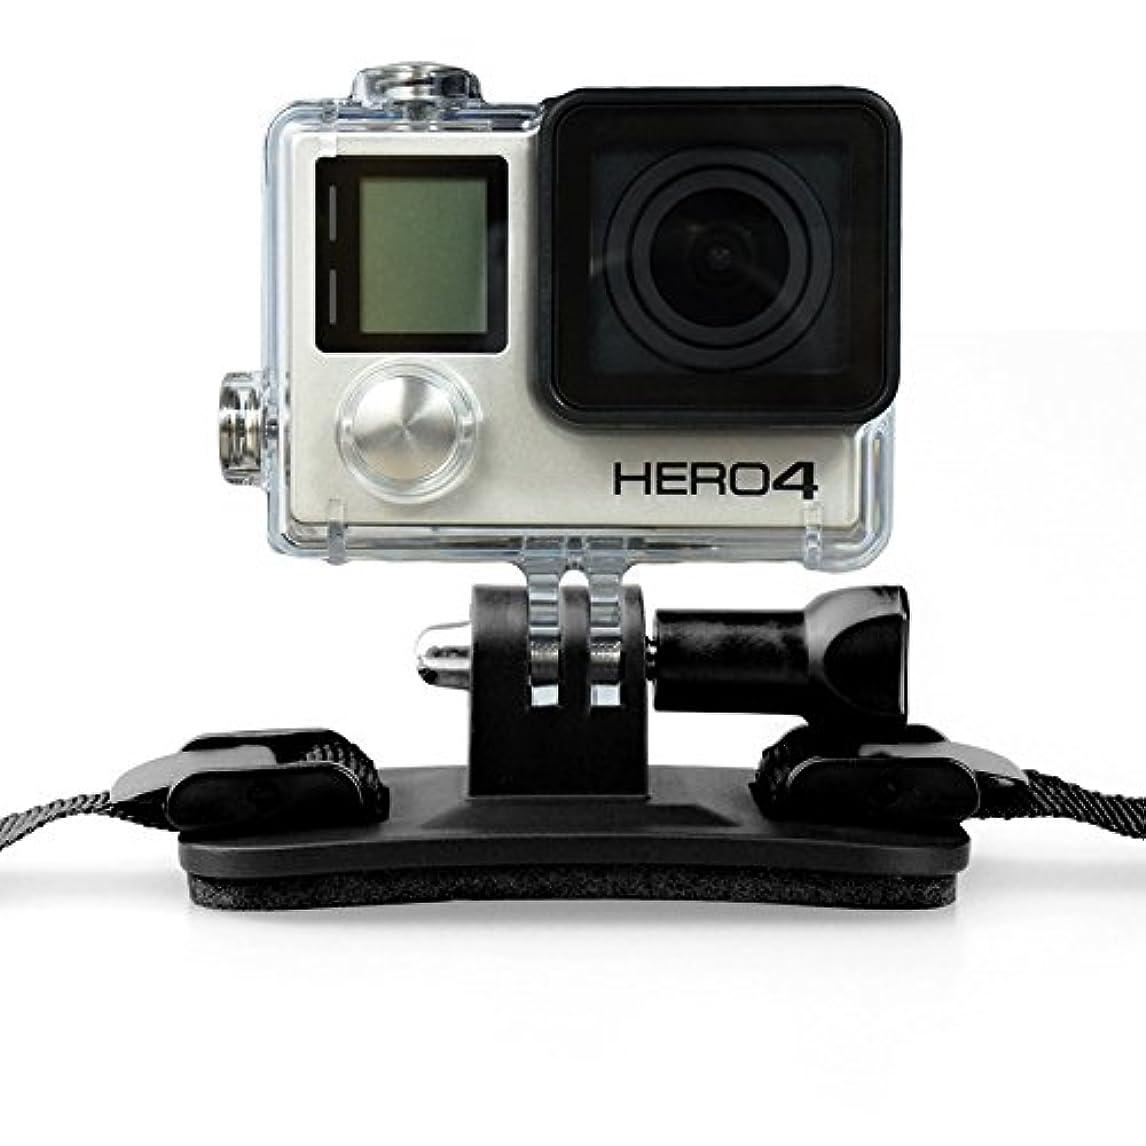 暴徒語ラウズactiveallbrite VECINO HM ヘルメット マウント Helmet mount for VECINO lights and GoPro cameras